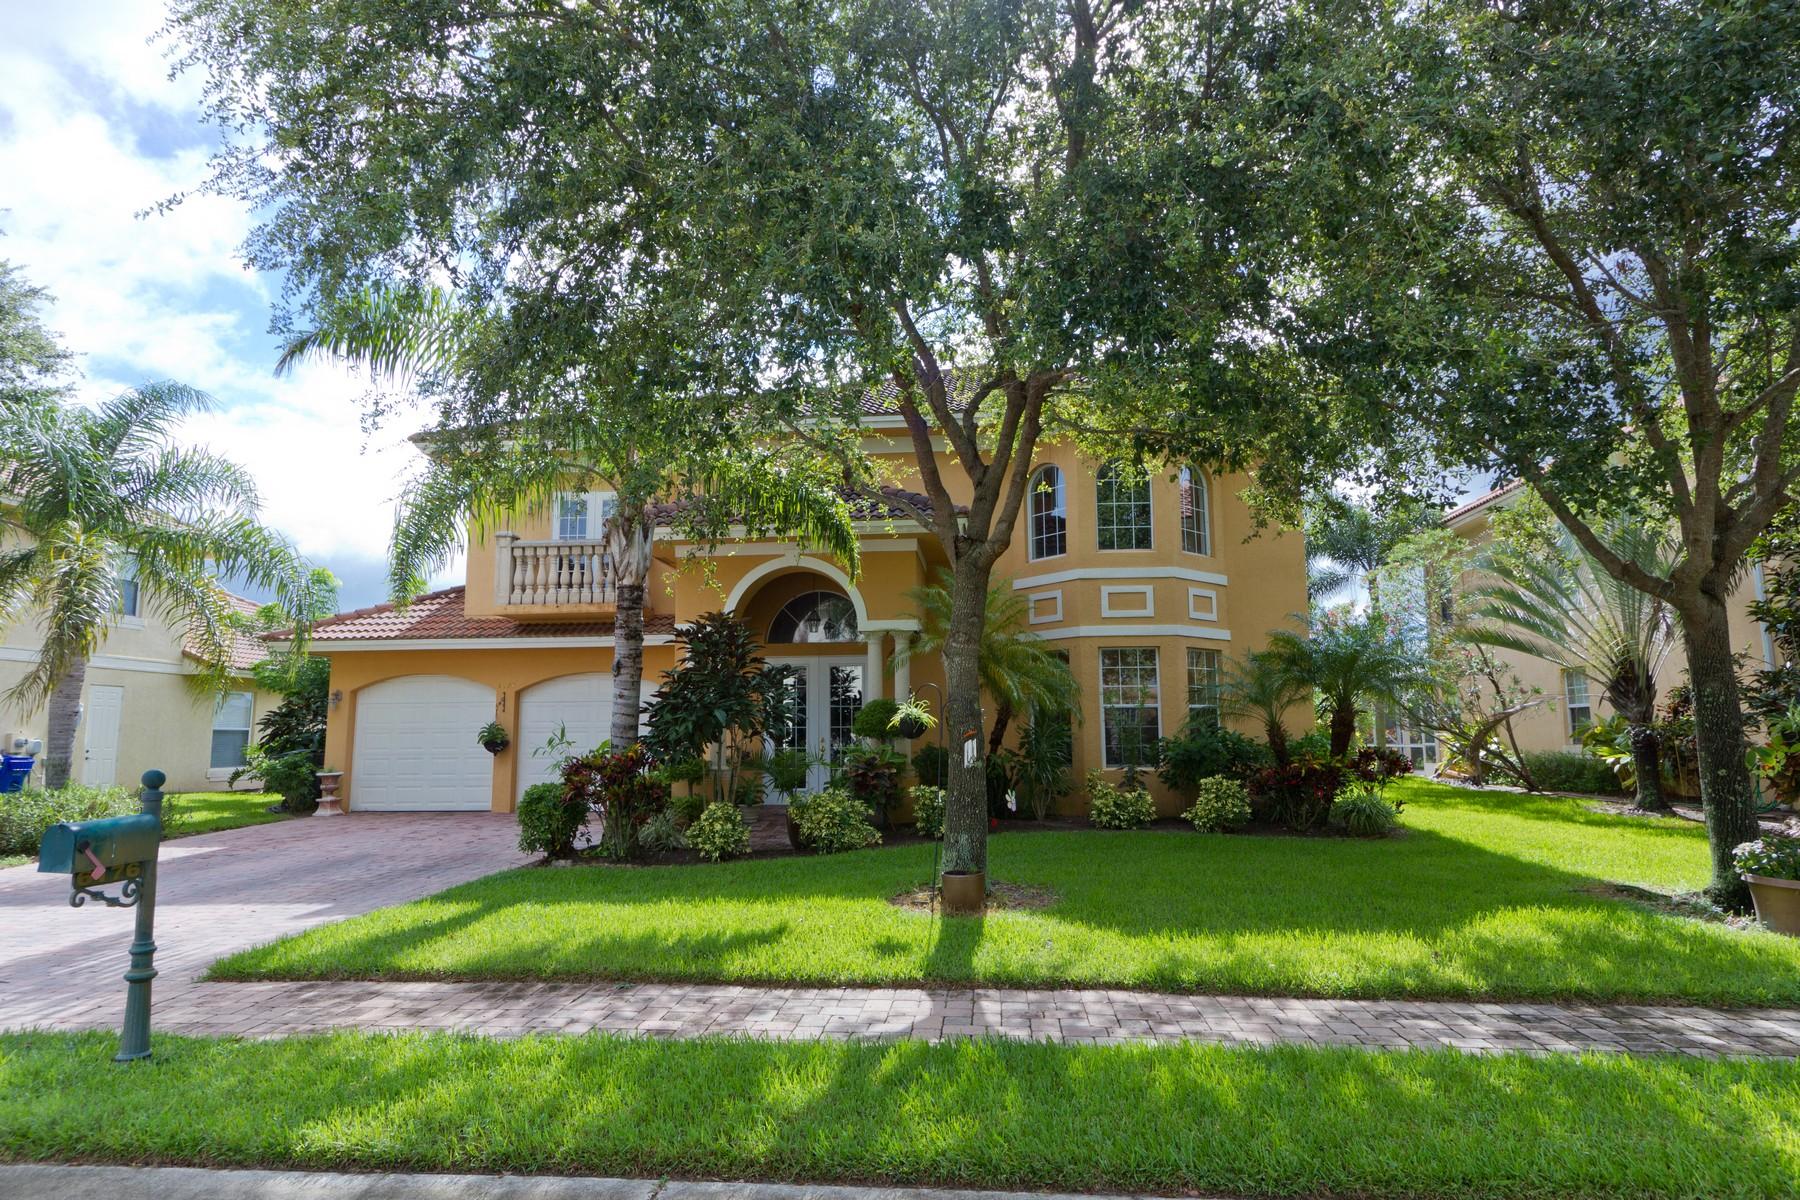 Maison unifamiliale pour l Vente à Mediterranean Lakefront Home with First Floor Master Suite 6176 56th Avenue Vero Beach, Florida, 32967 États-Unis